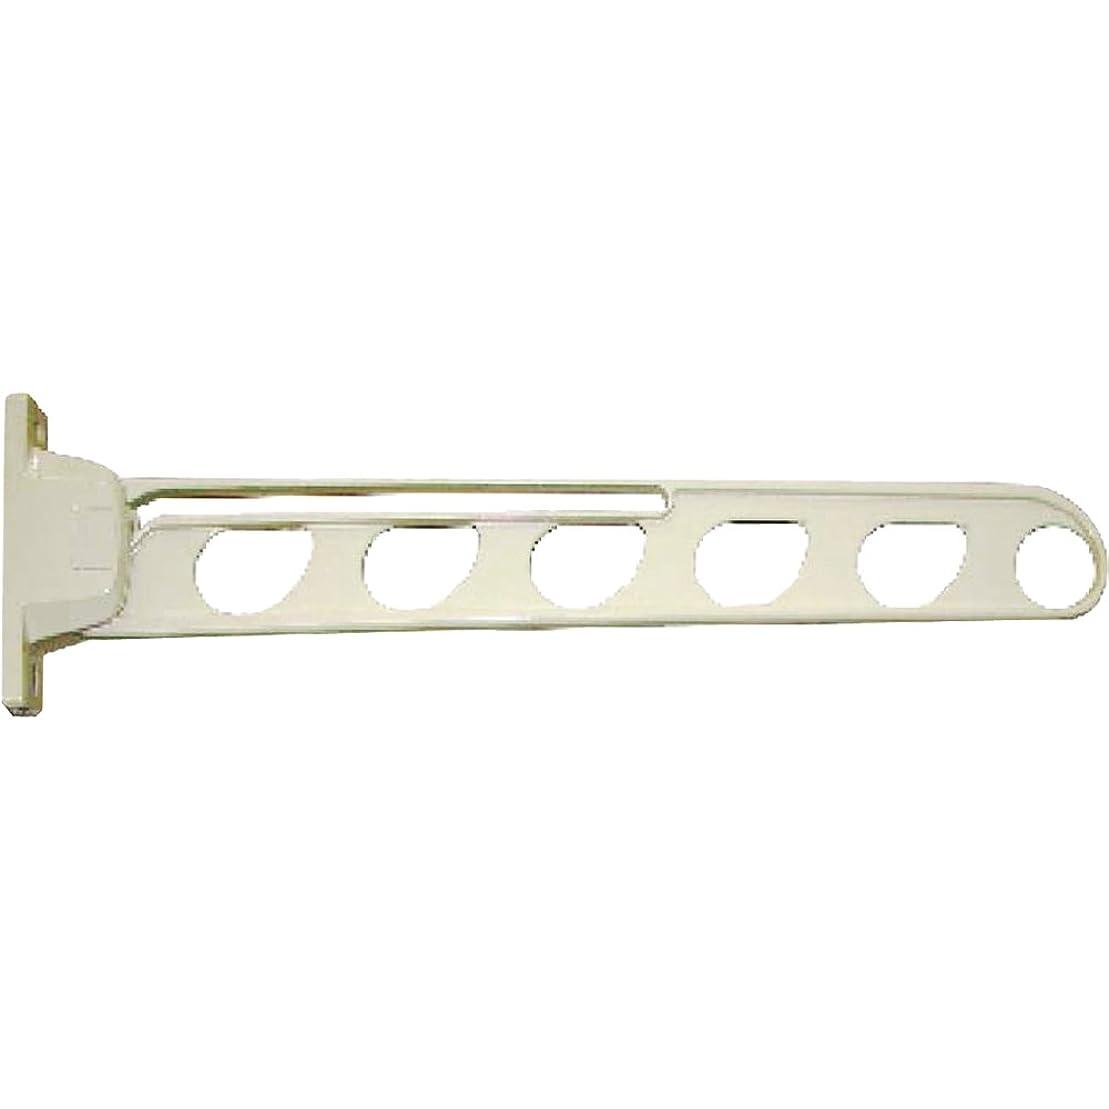 優越自由麻酔薬水上金属 ファースト New DEXスイング物干金物 550mm ホワイト